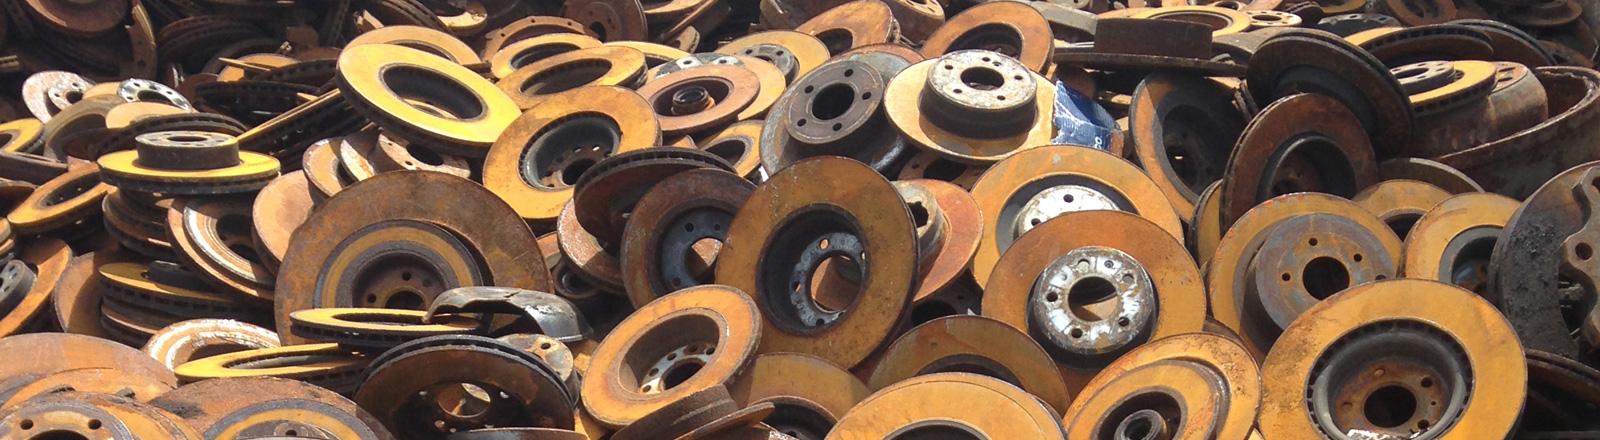 Scrap, Recycling & Plastics